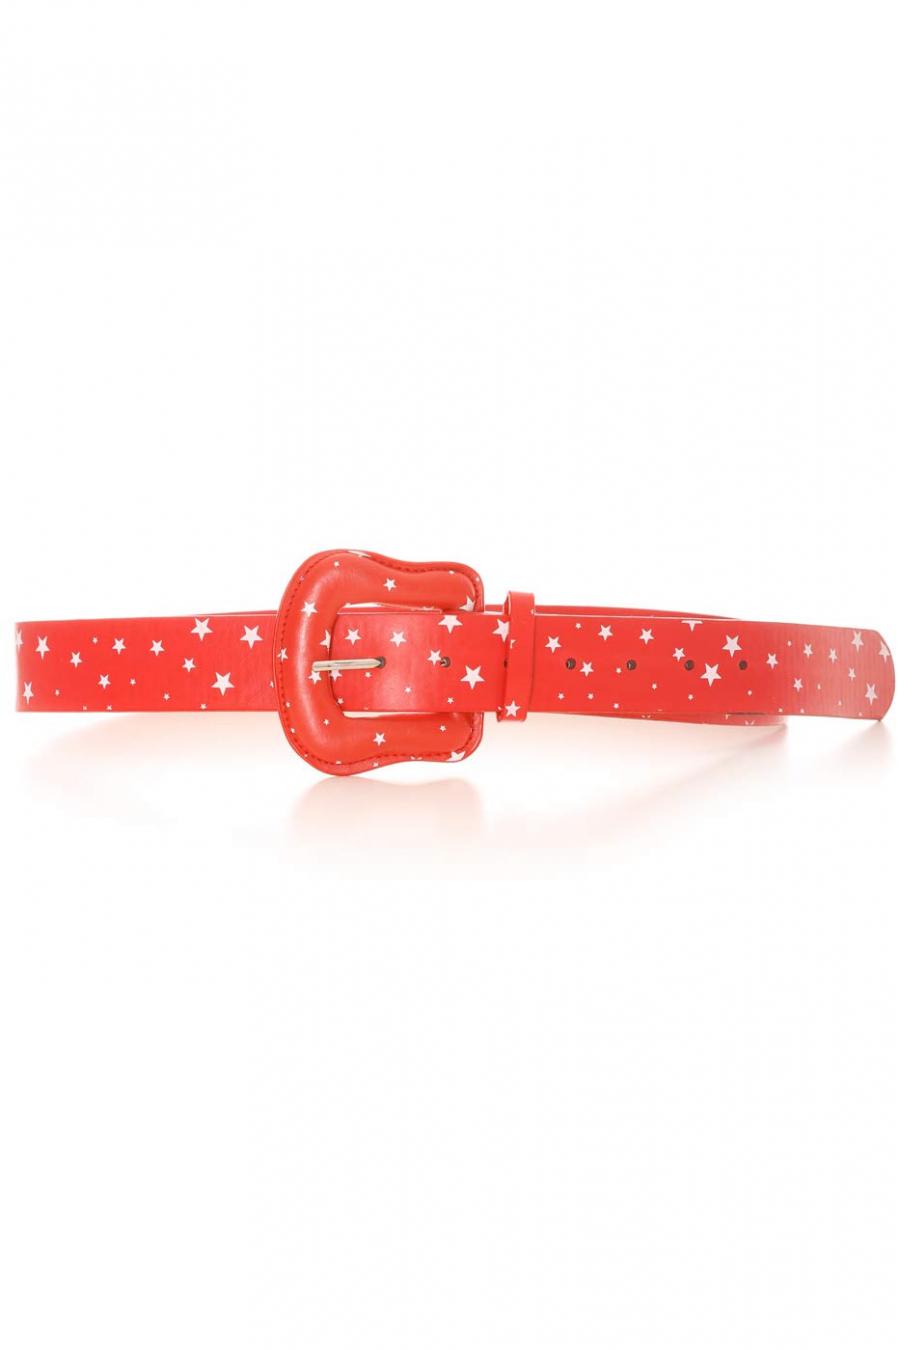 Ceinture Rouge avec en motif des étoiles blanches. Accessoire BG-P009